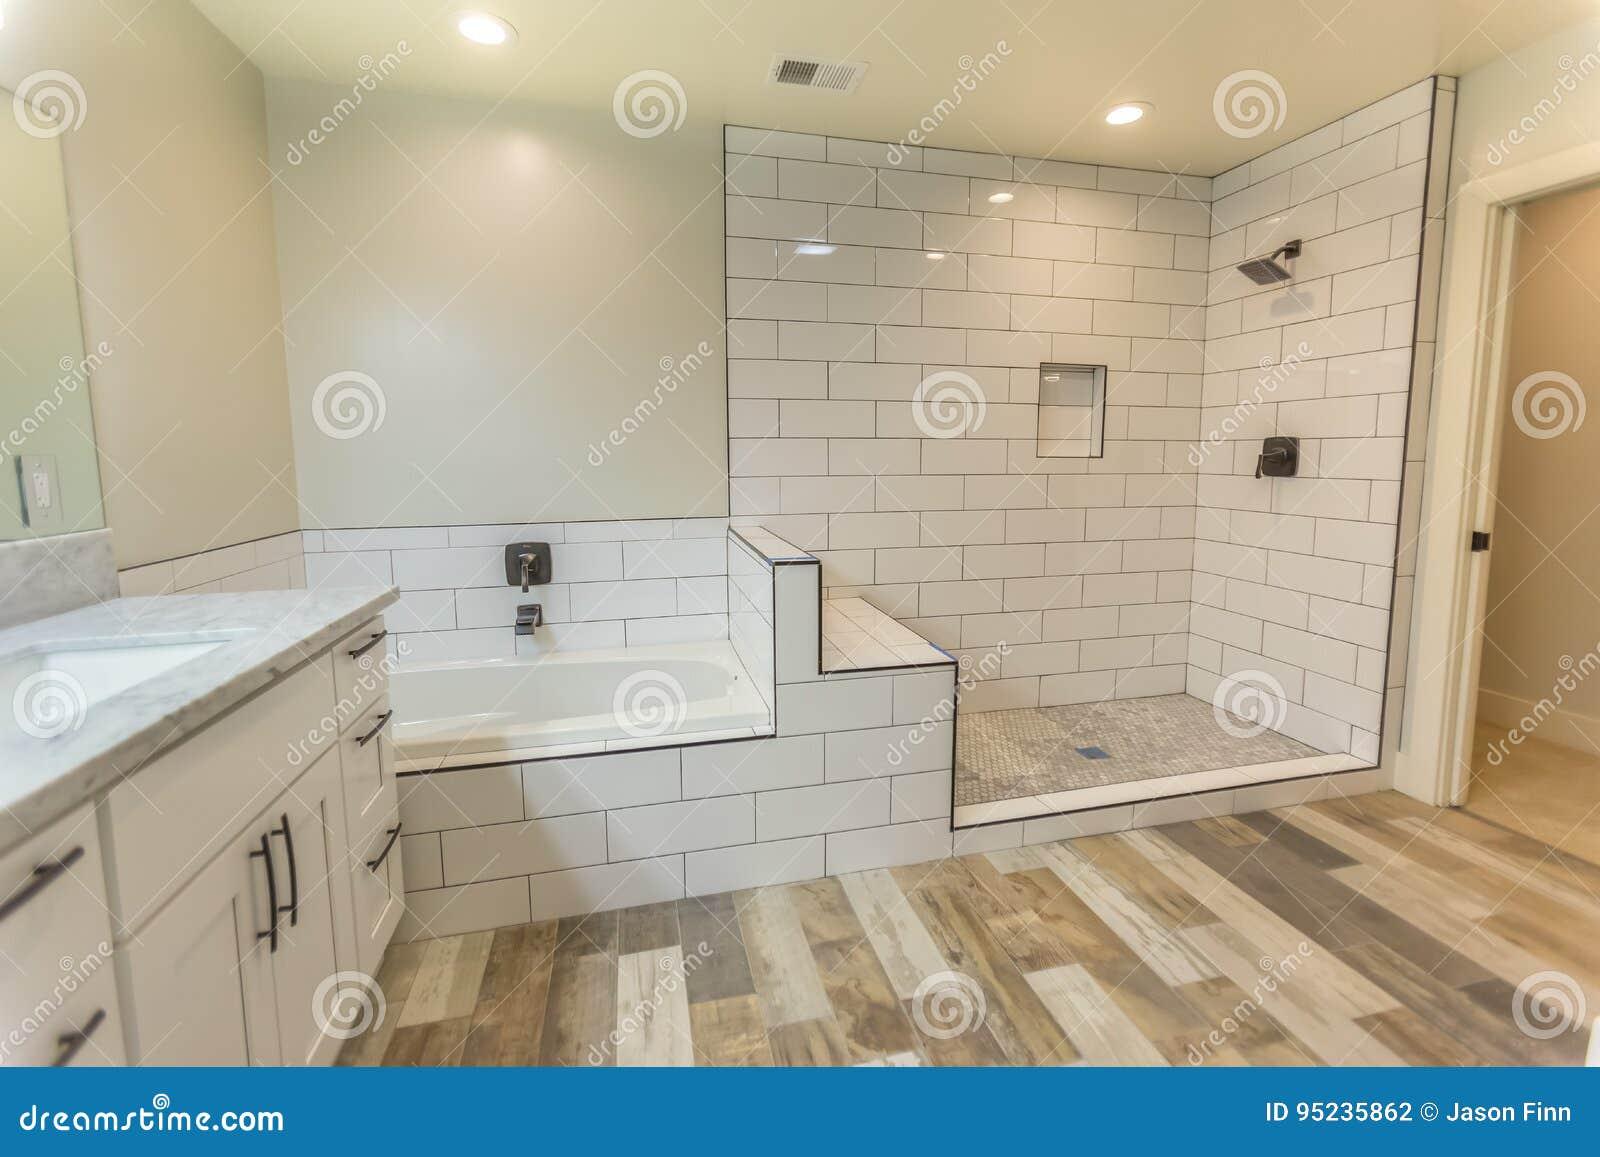 Pulisca il bagno spazioso della camera da letto principale con i pavimenti della doccia e della - Vasca da bagno in camera ...